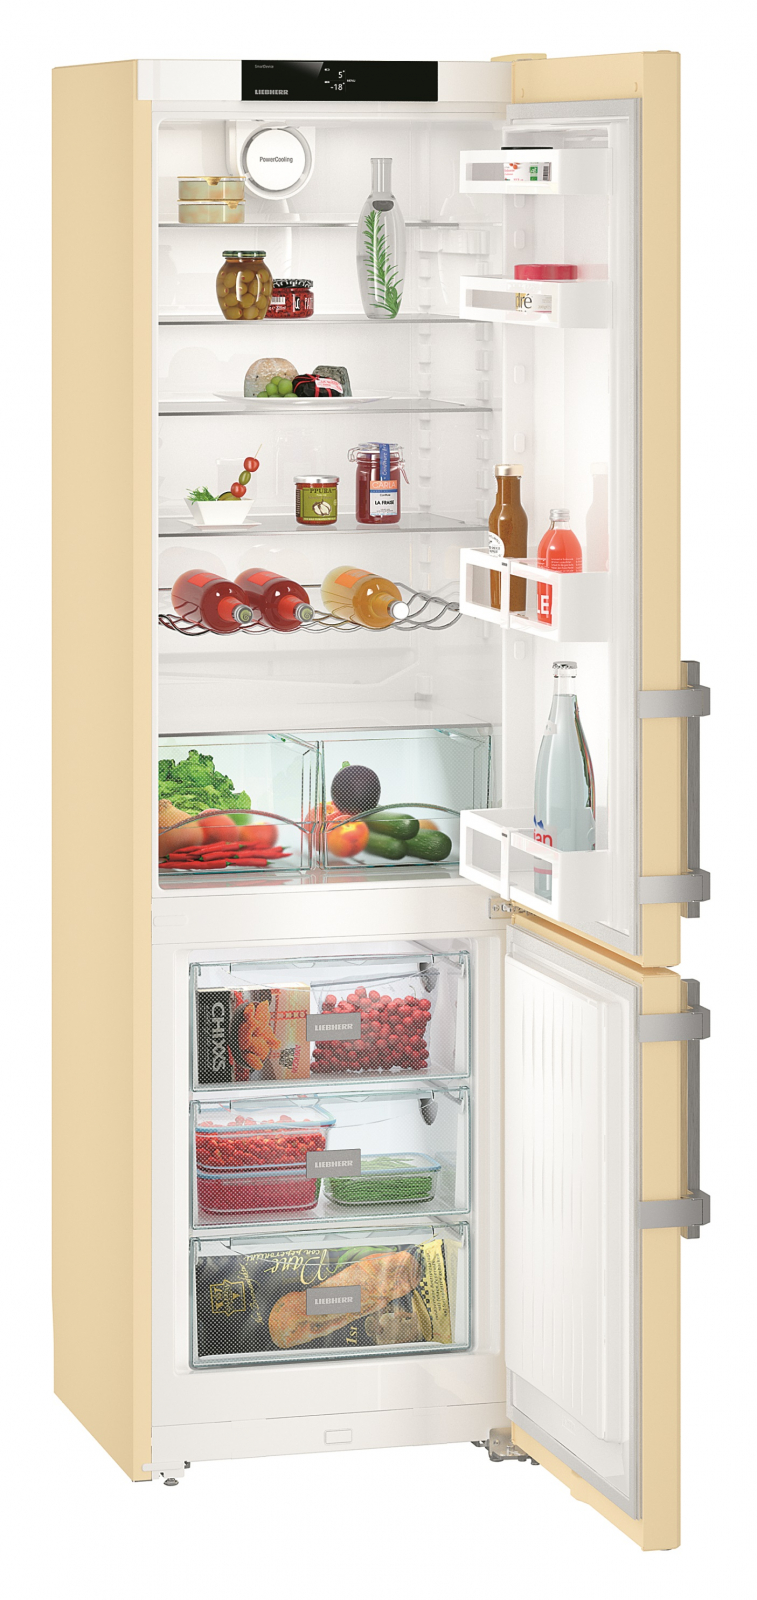 купить Двухкамерный холодильник Liebherr Cbe 4025 Украина фото 0